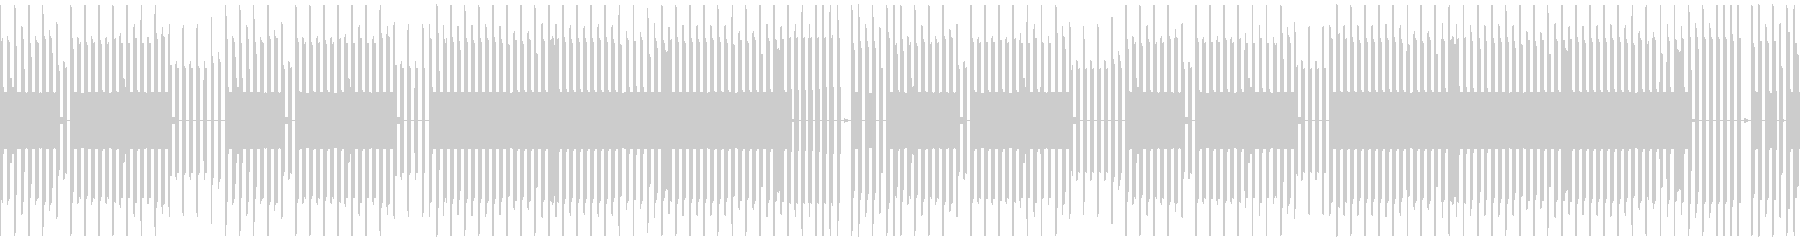 FC風ループ 遺されたモノの未再生の波形